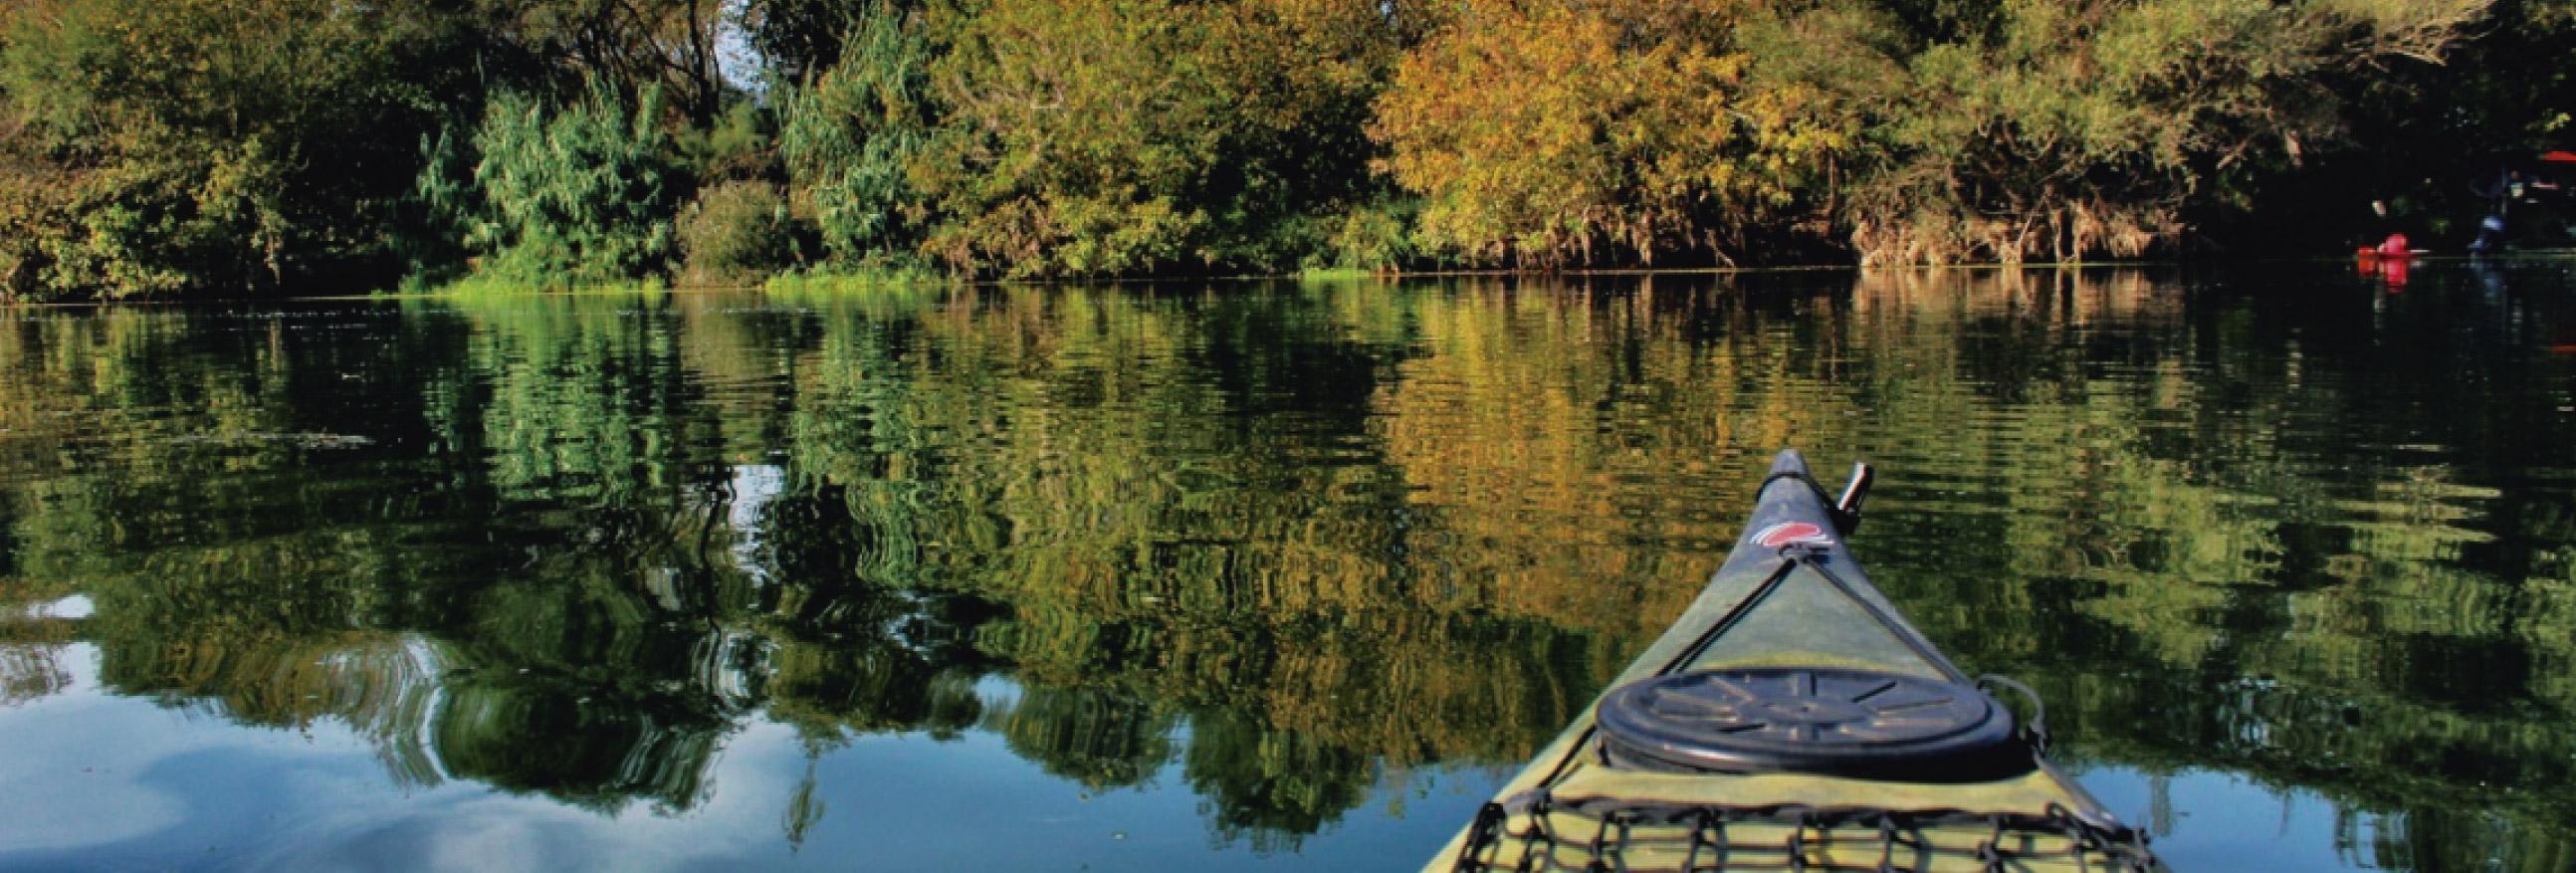 navegar amb piragua o caiac riu ebre-01